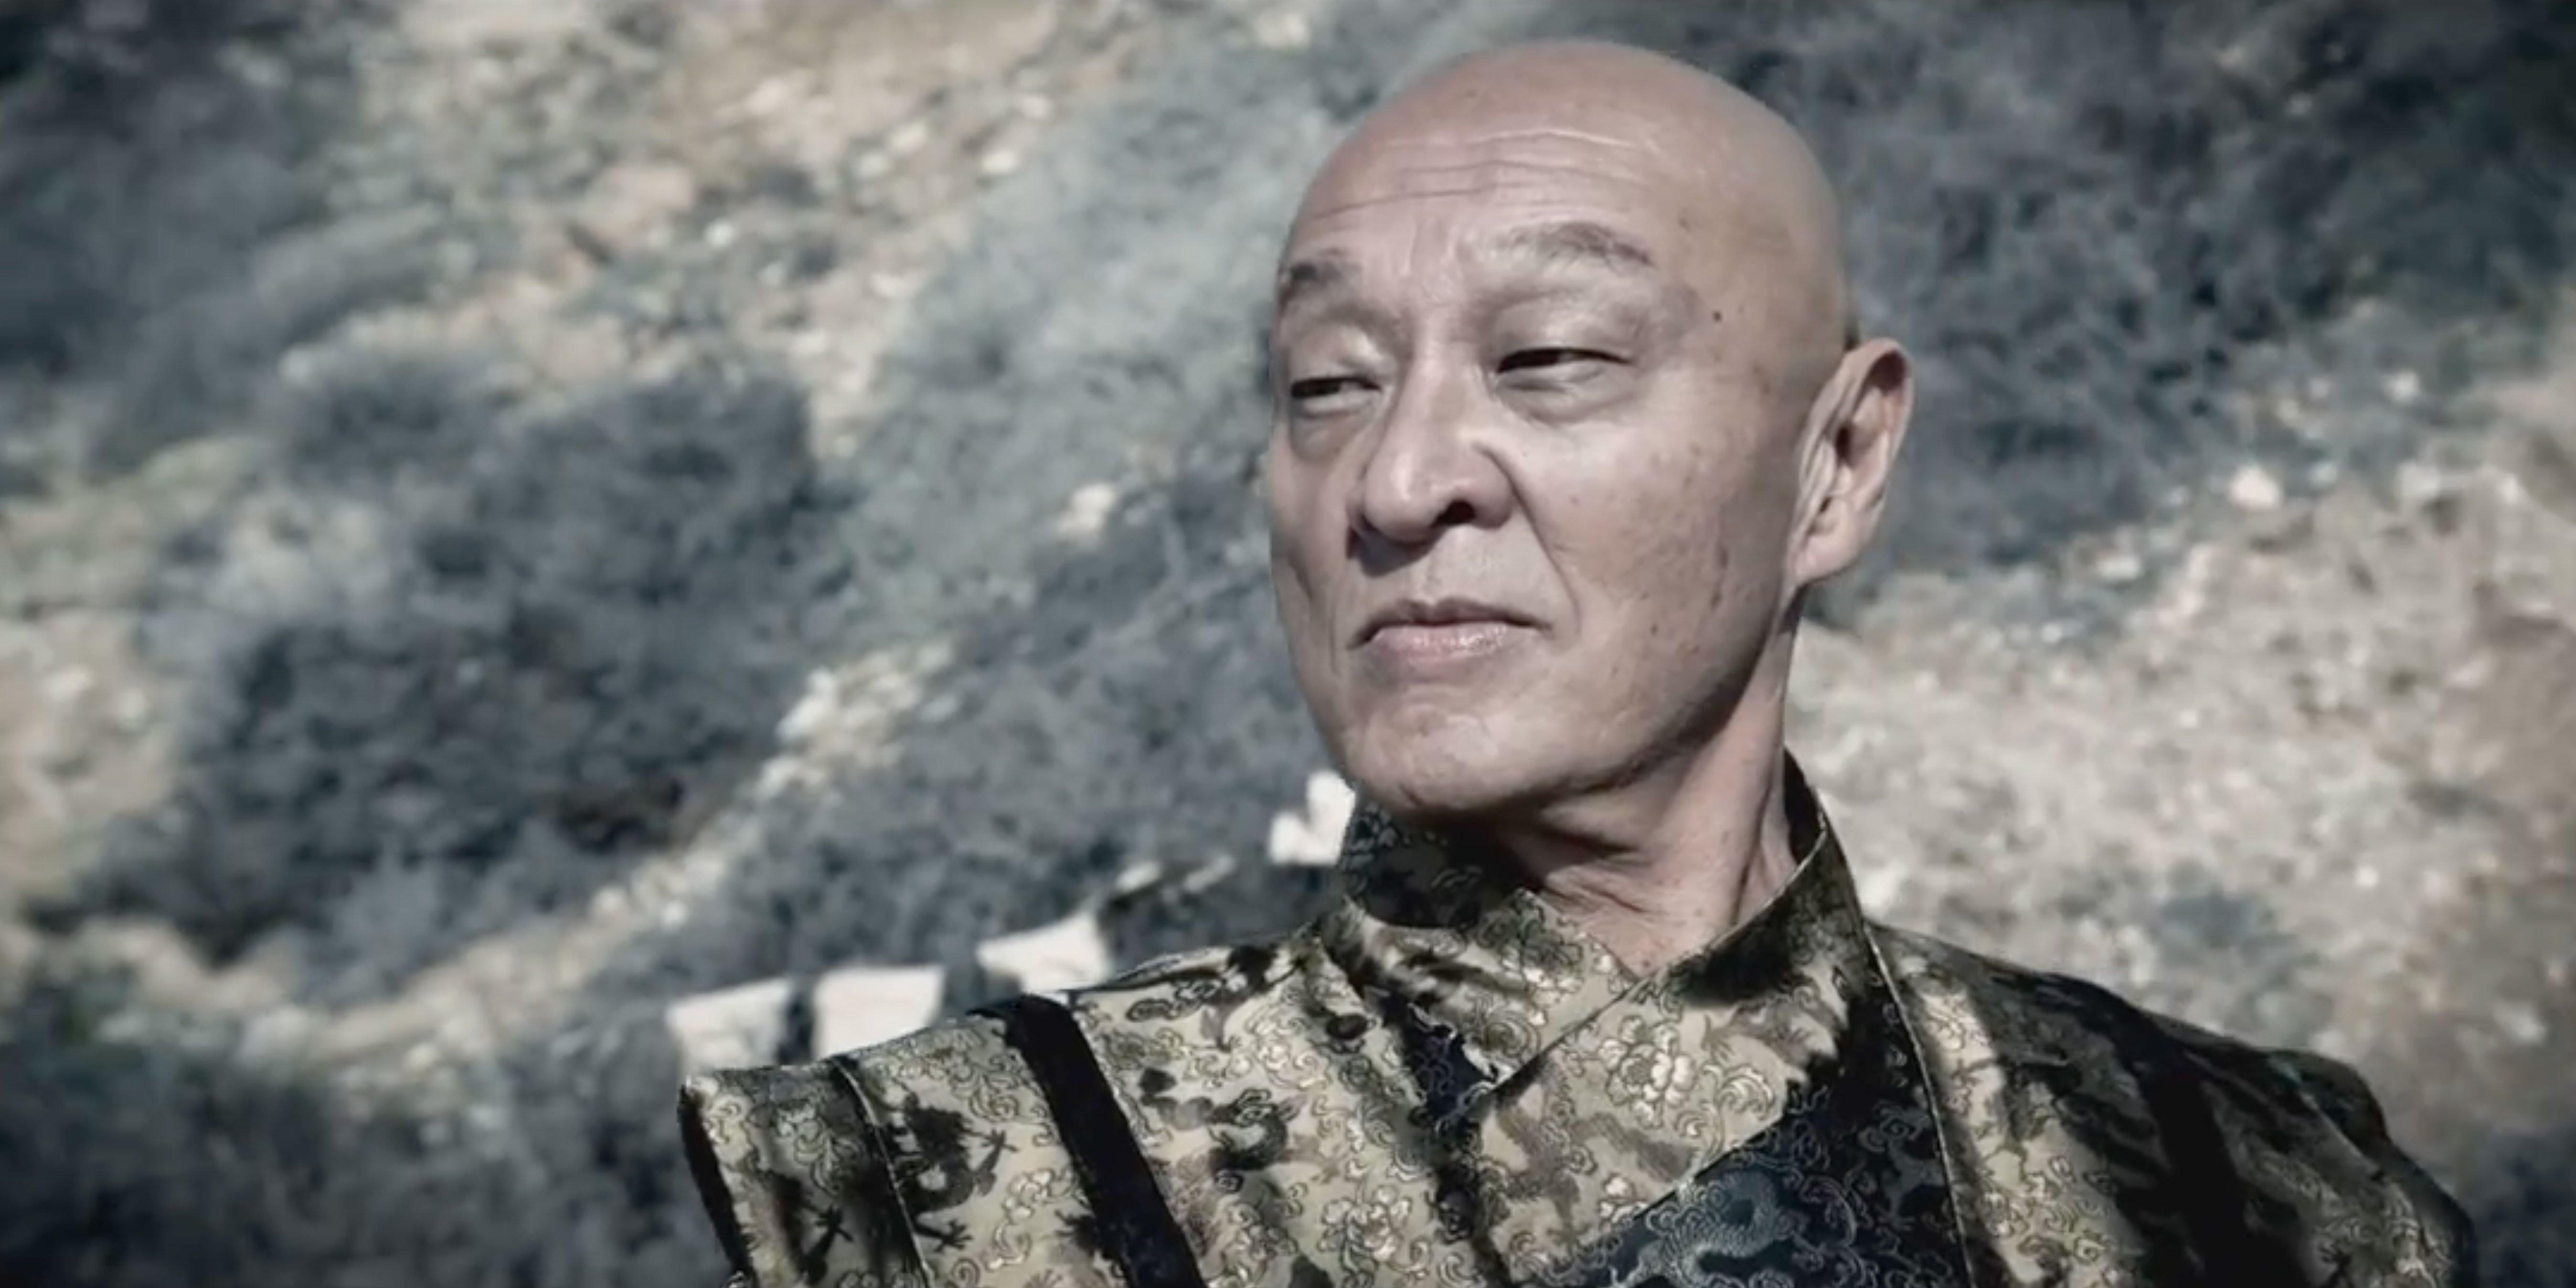 Cary-Hiroyuki Tagawa reprises his role as Shang Tsung in Mortal Kombat: Legacy